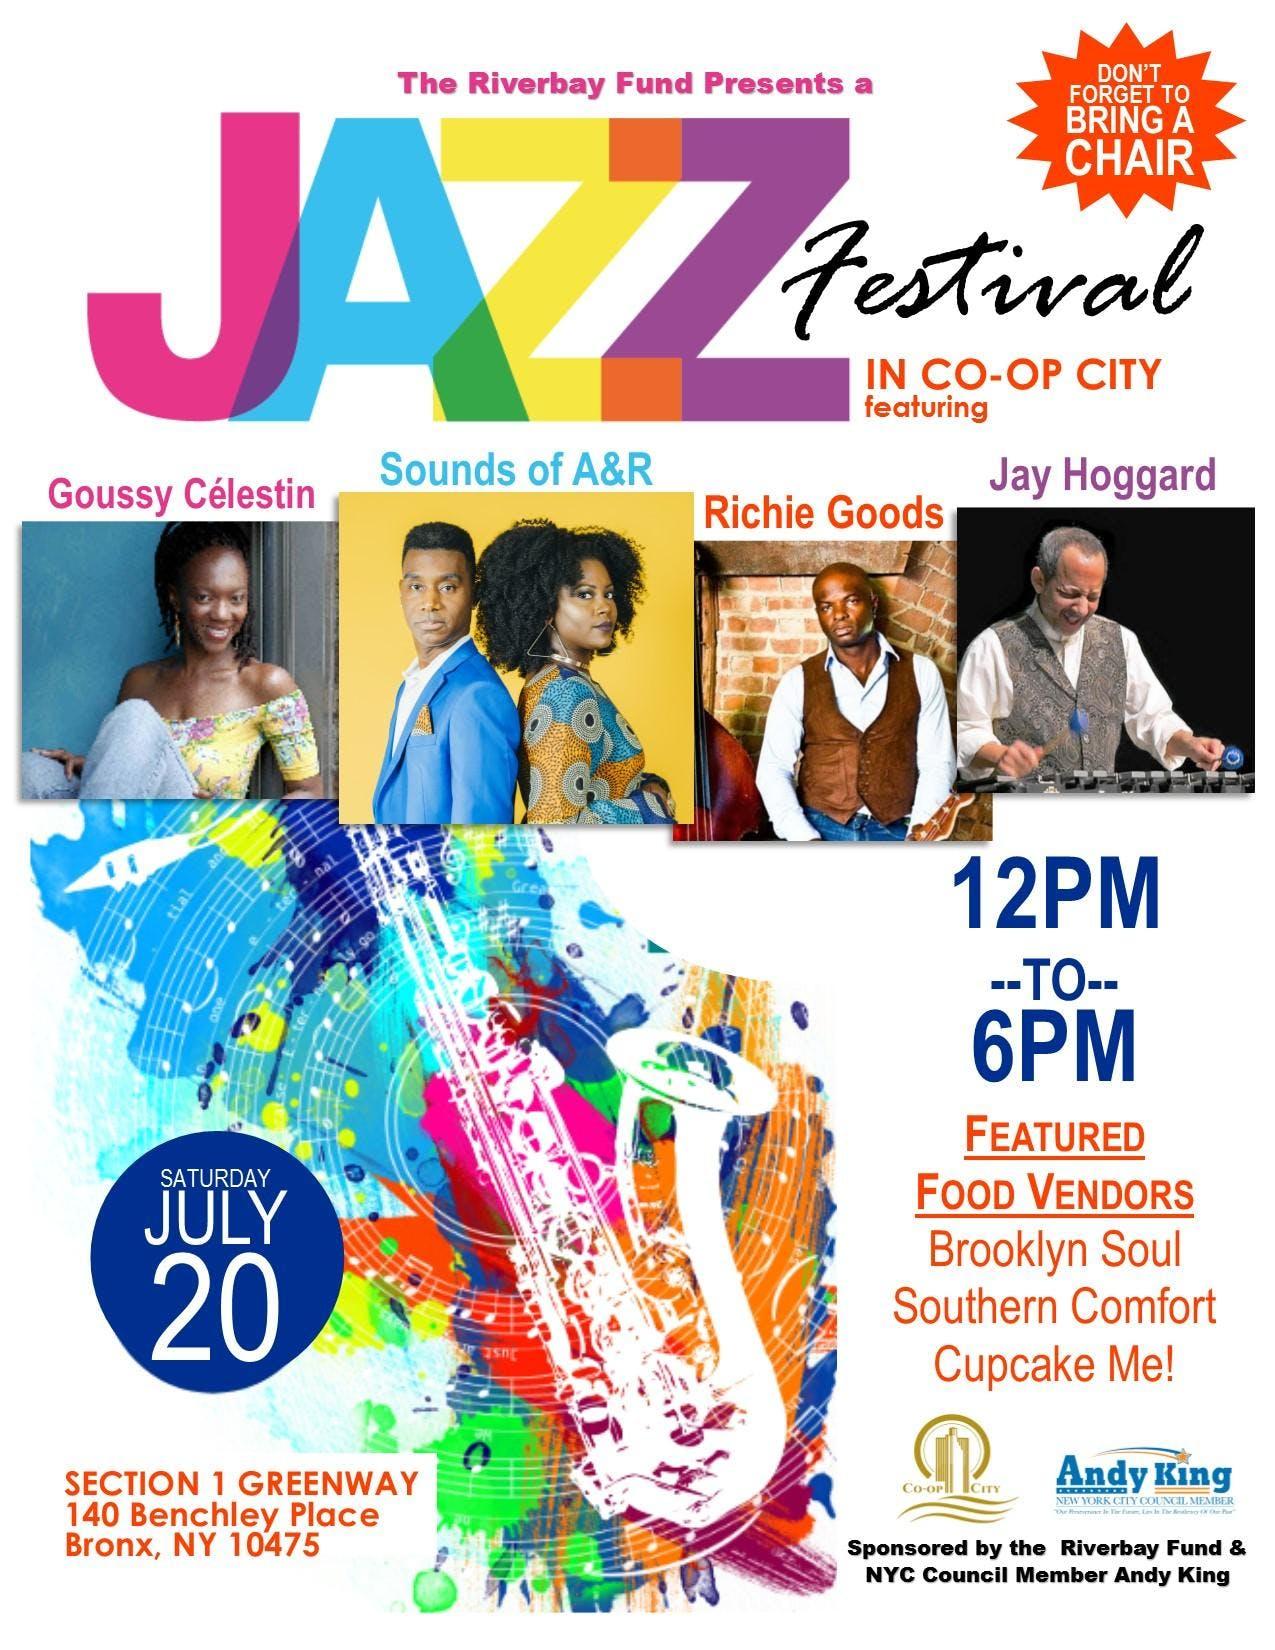 Co-op City Jazz Festival 2019